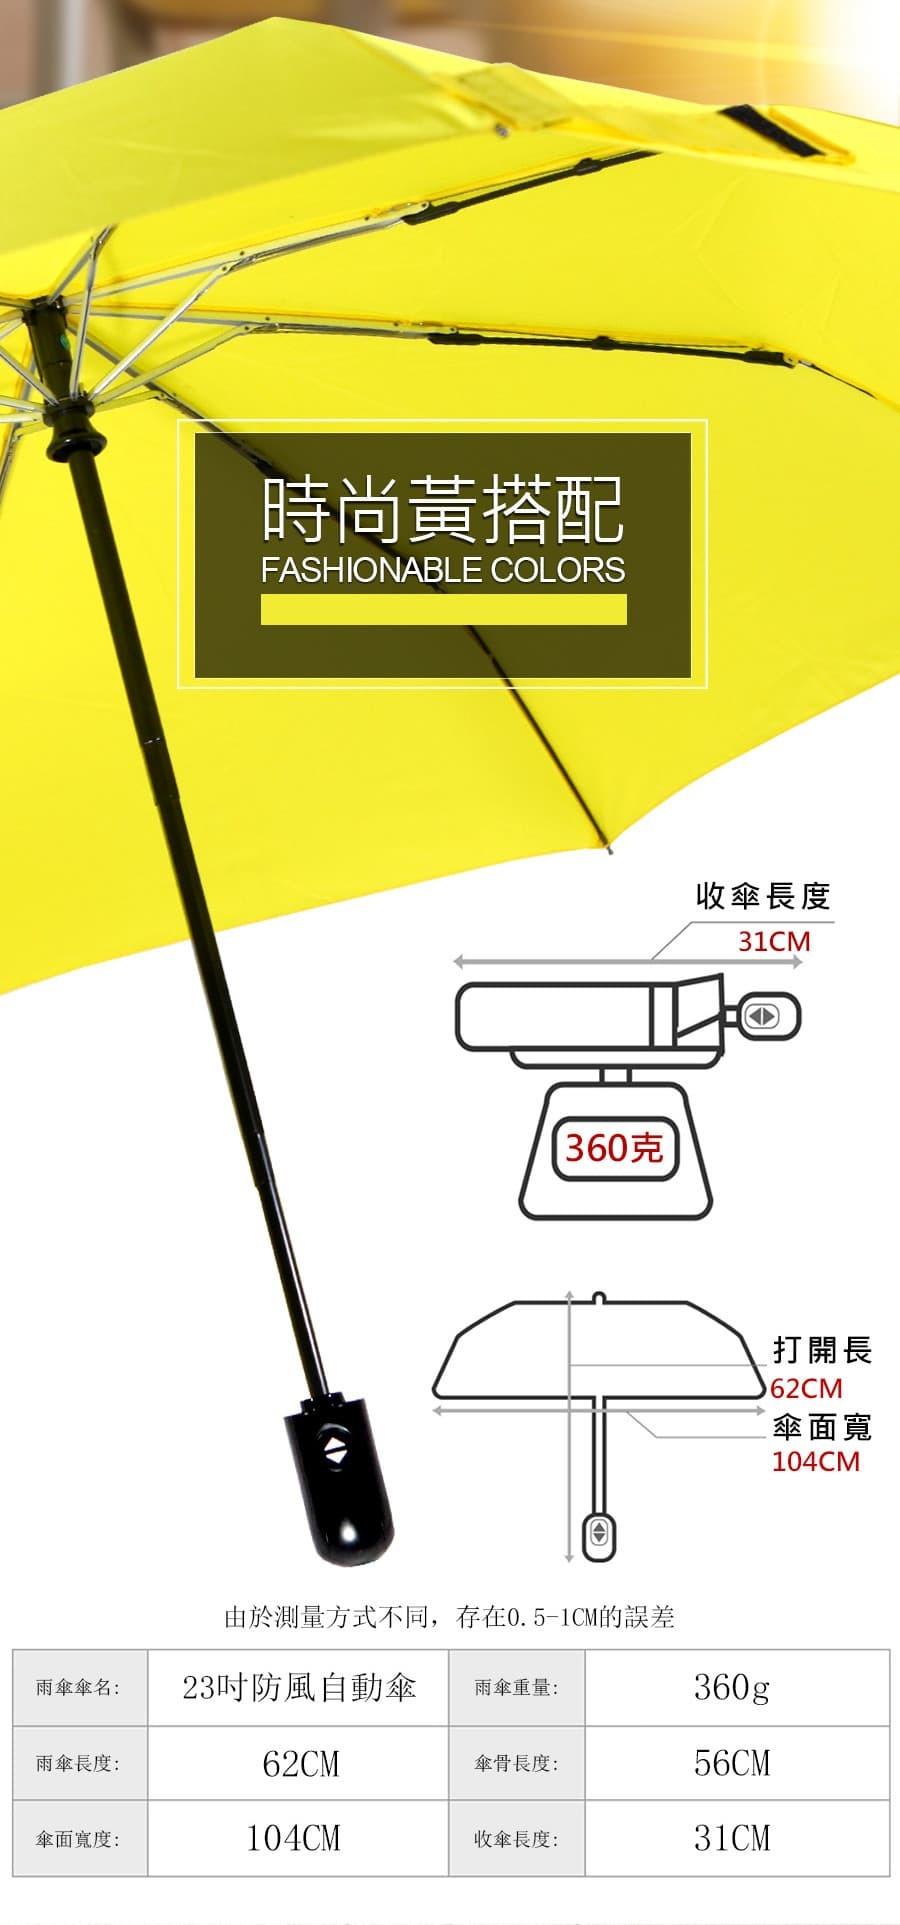 23吋防風自動折傘-黃